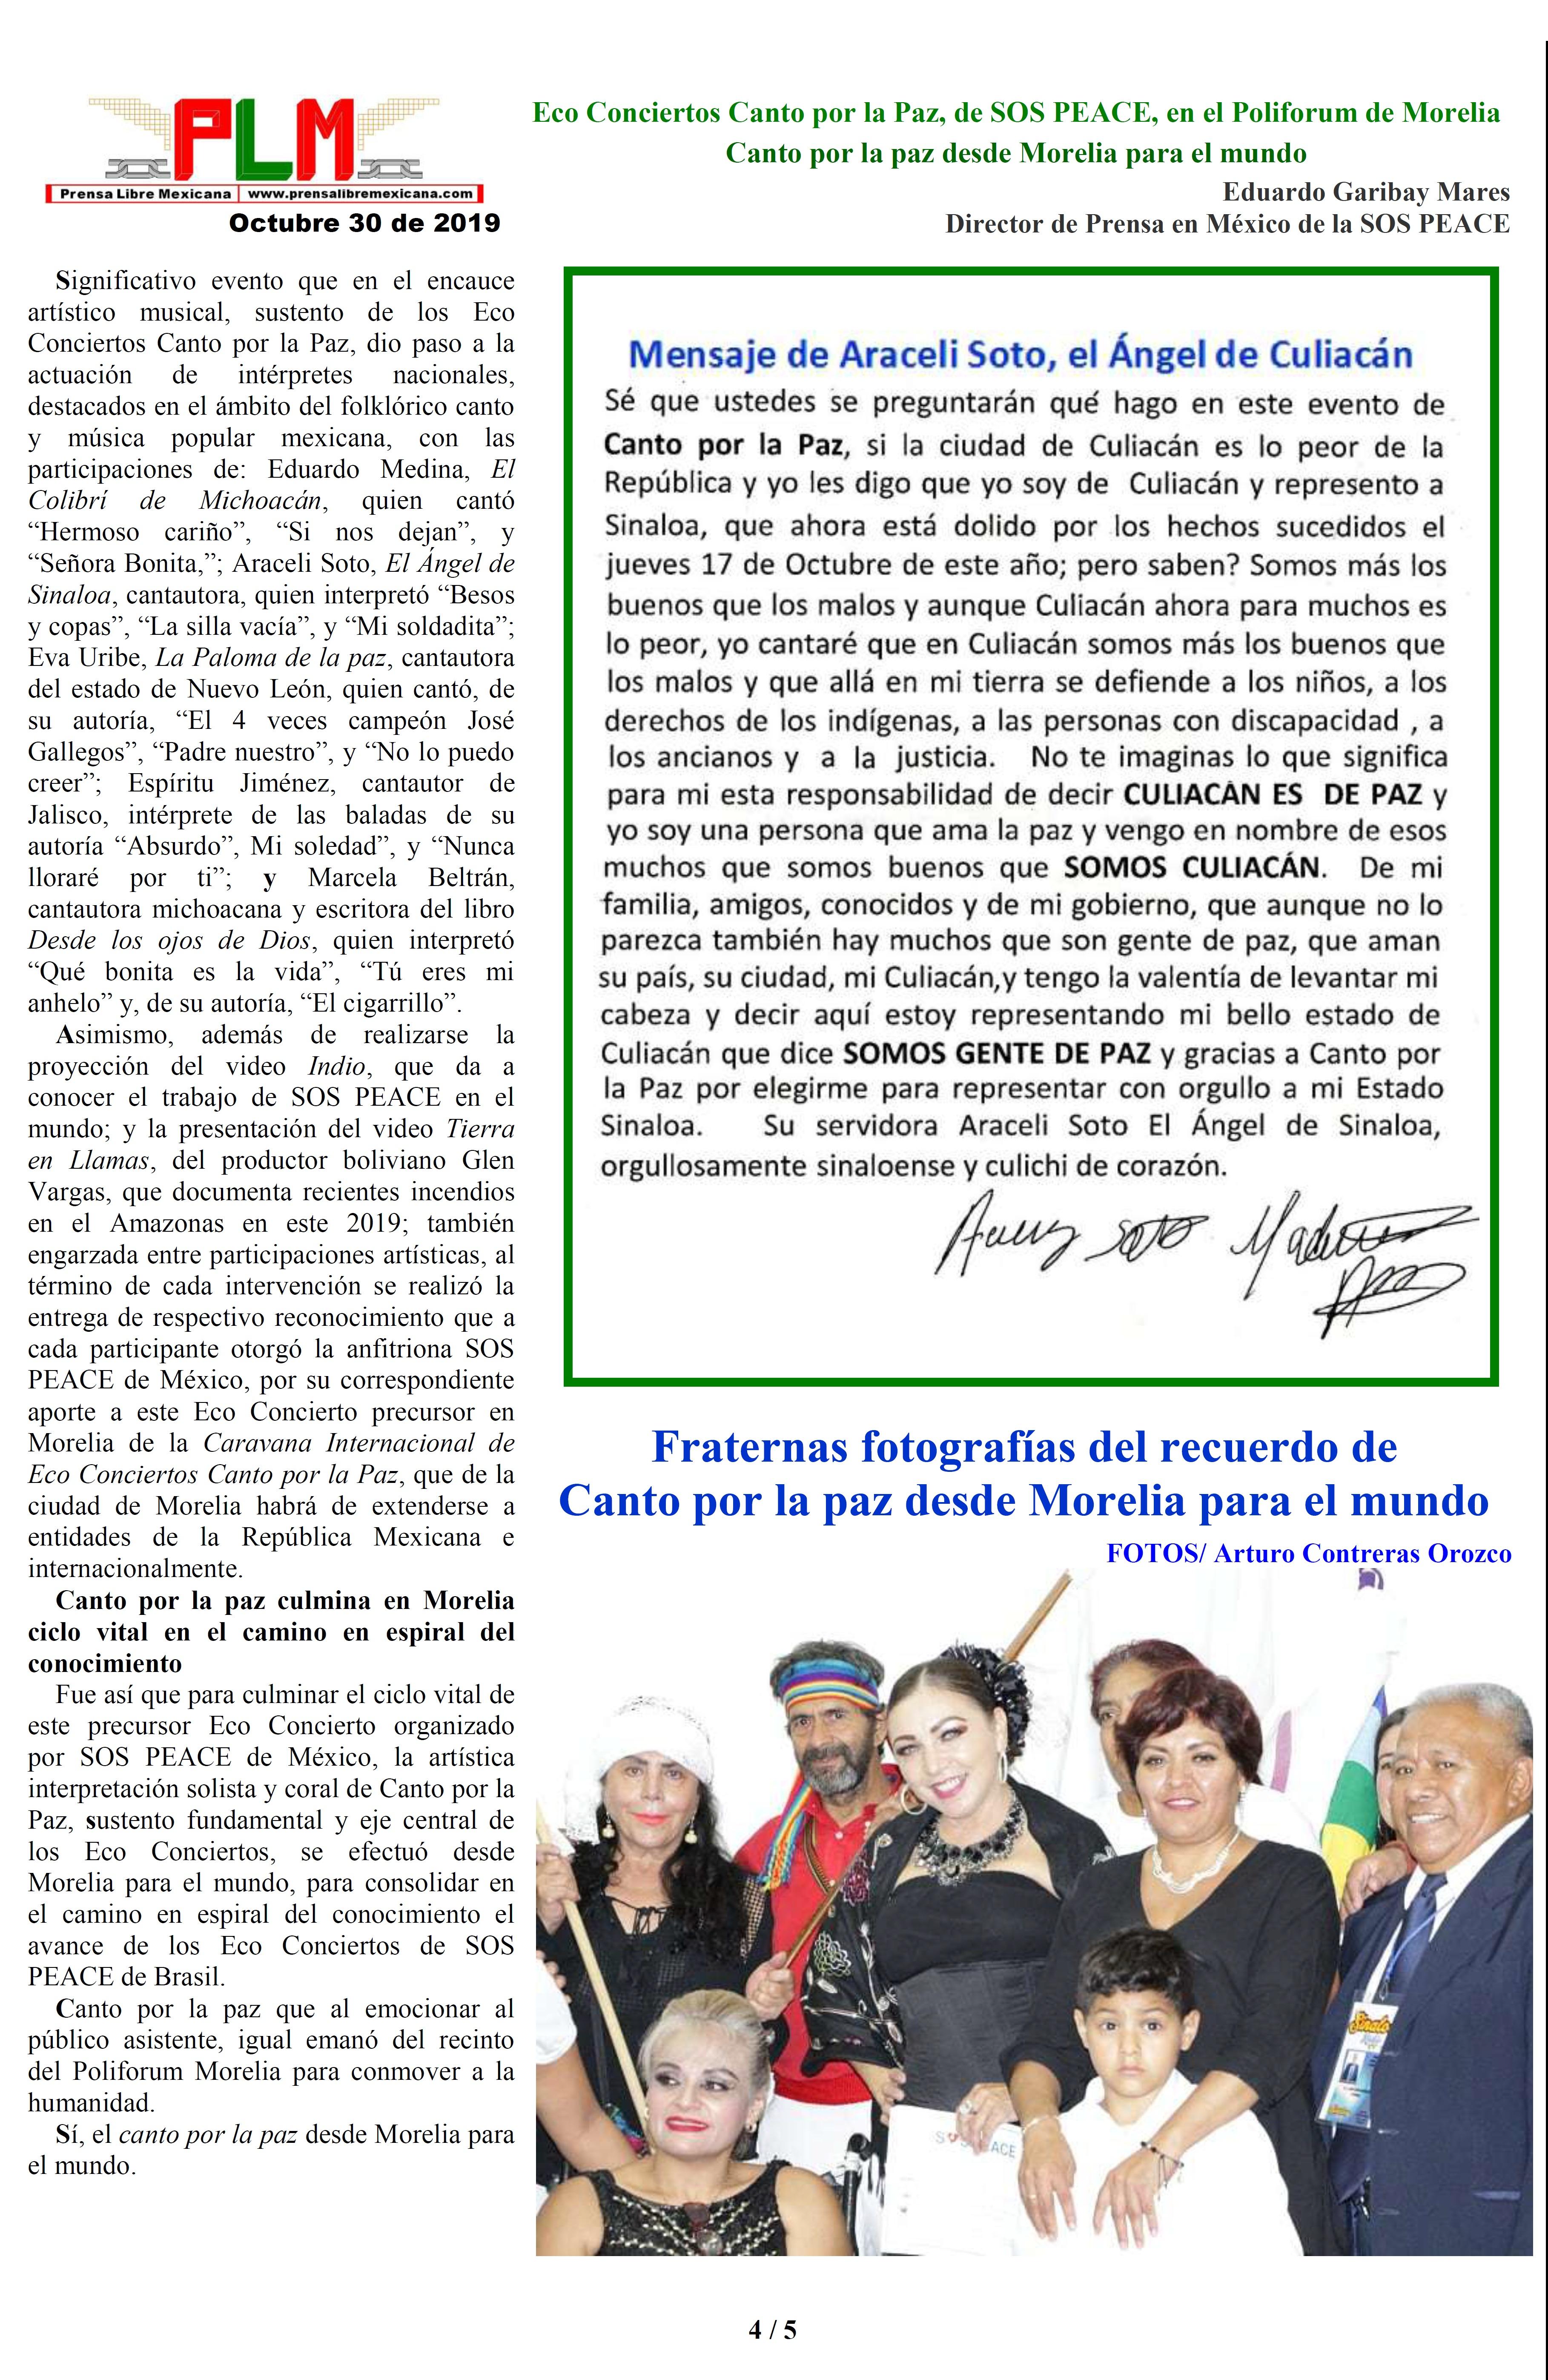 Eco Conciertos Canto por la Paz, de SOS PEACE, en el Poliforum de Morelia. Eduardo Garibay Mares. PAGINA 4